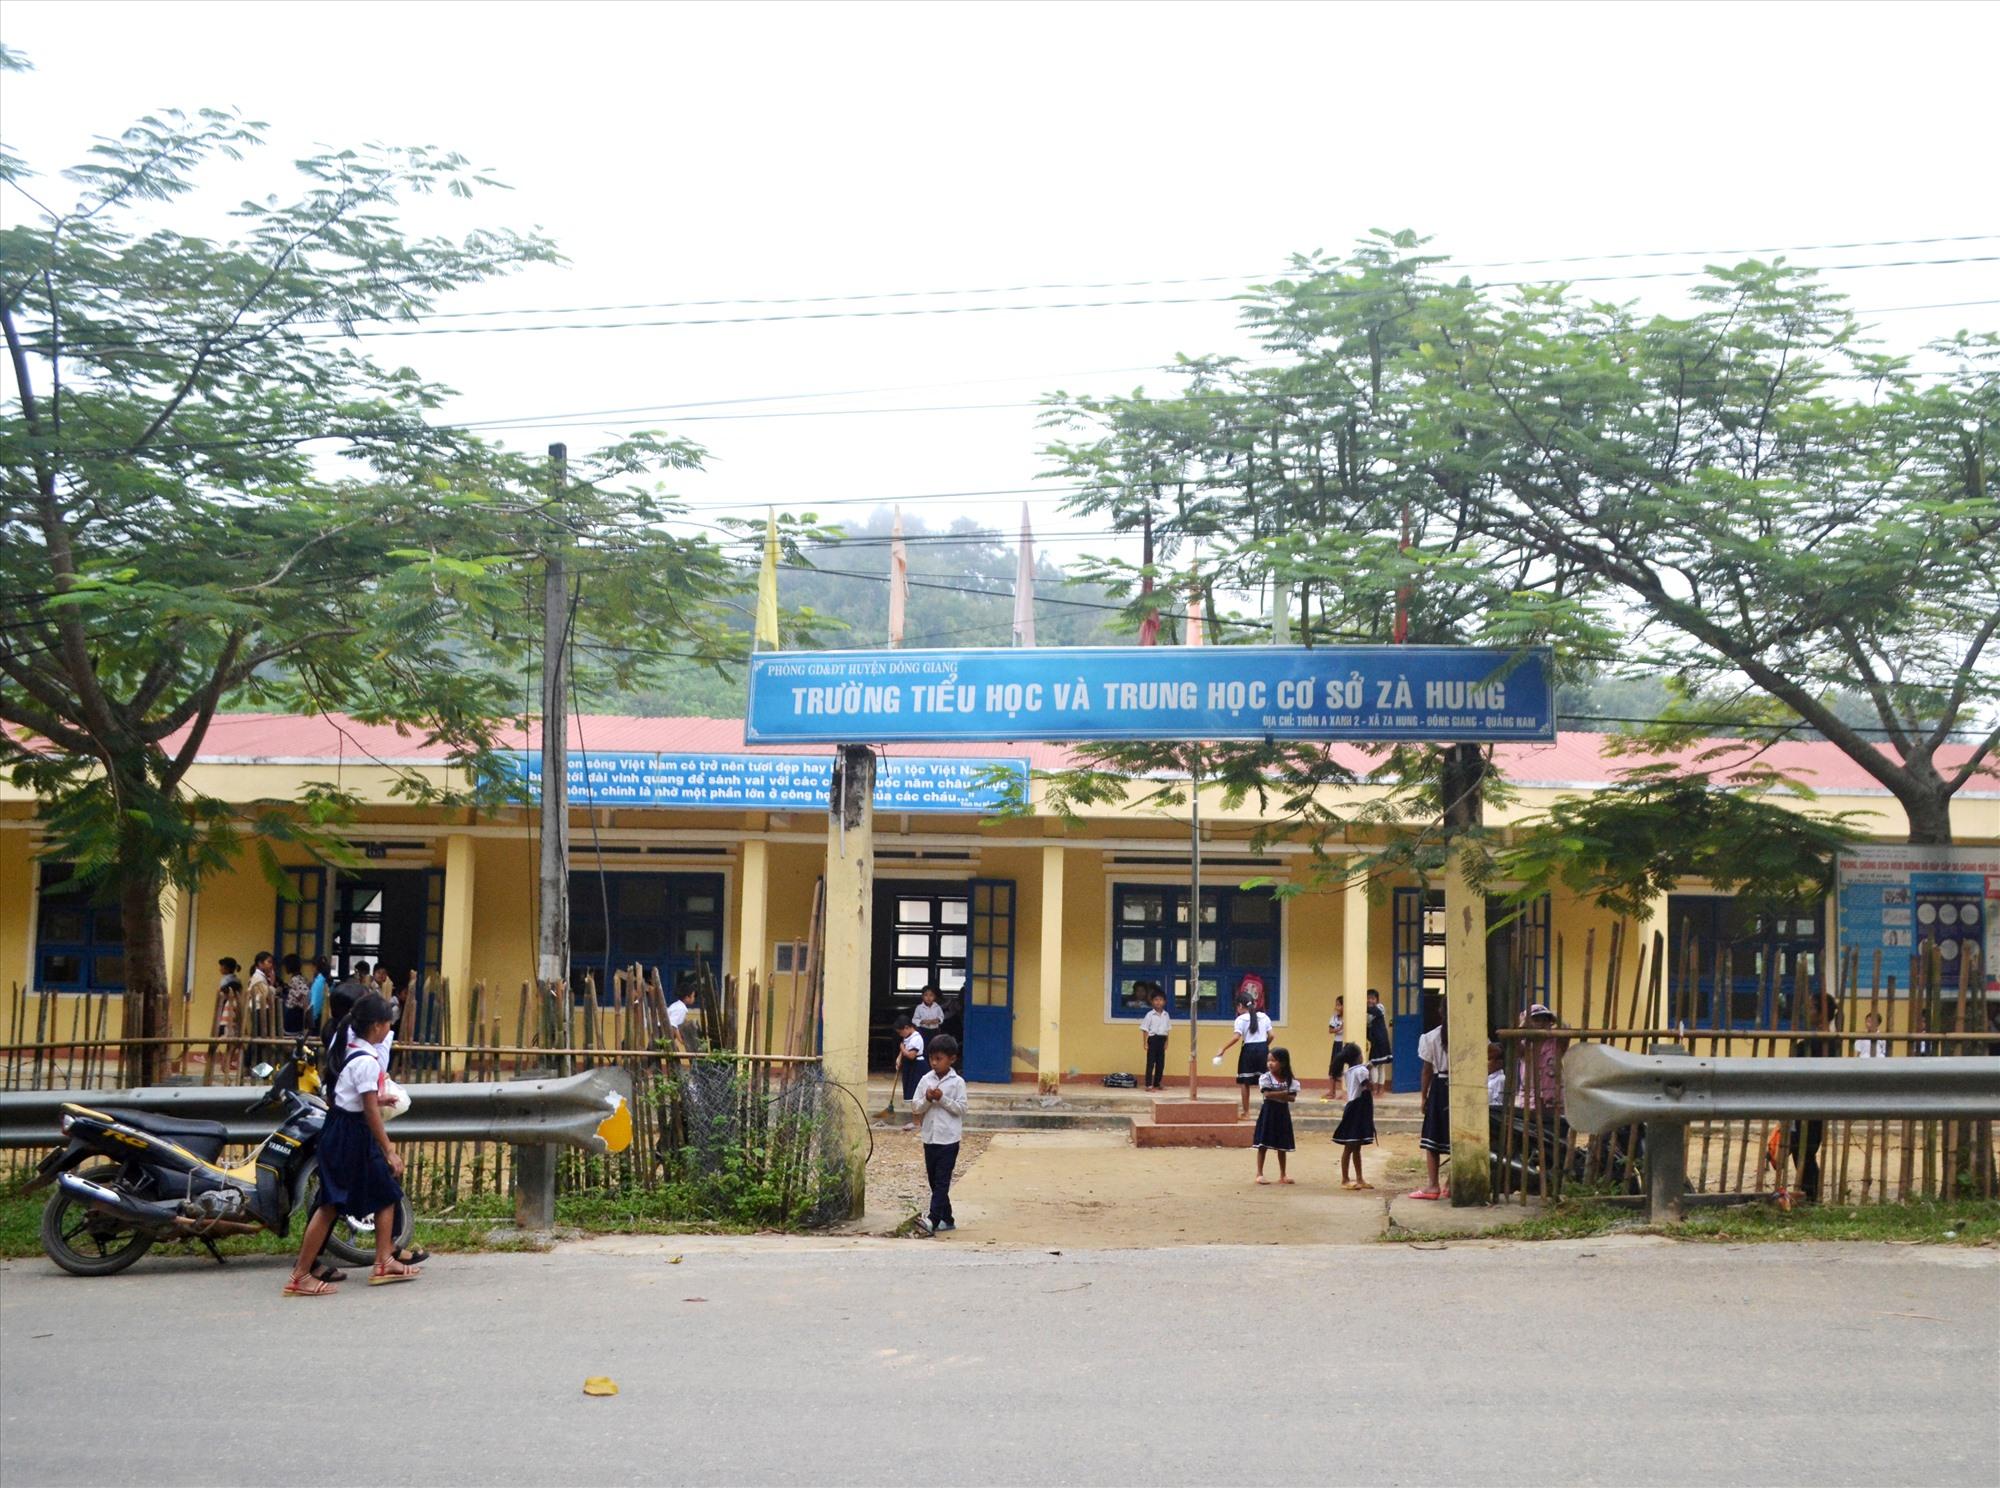 Một điểm trường chính Trường Tiểu học và THCS Zà Hung. Ảnh: C.T